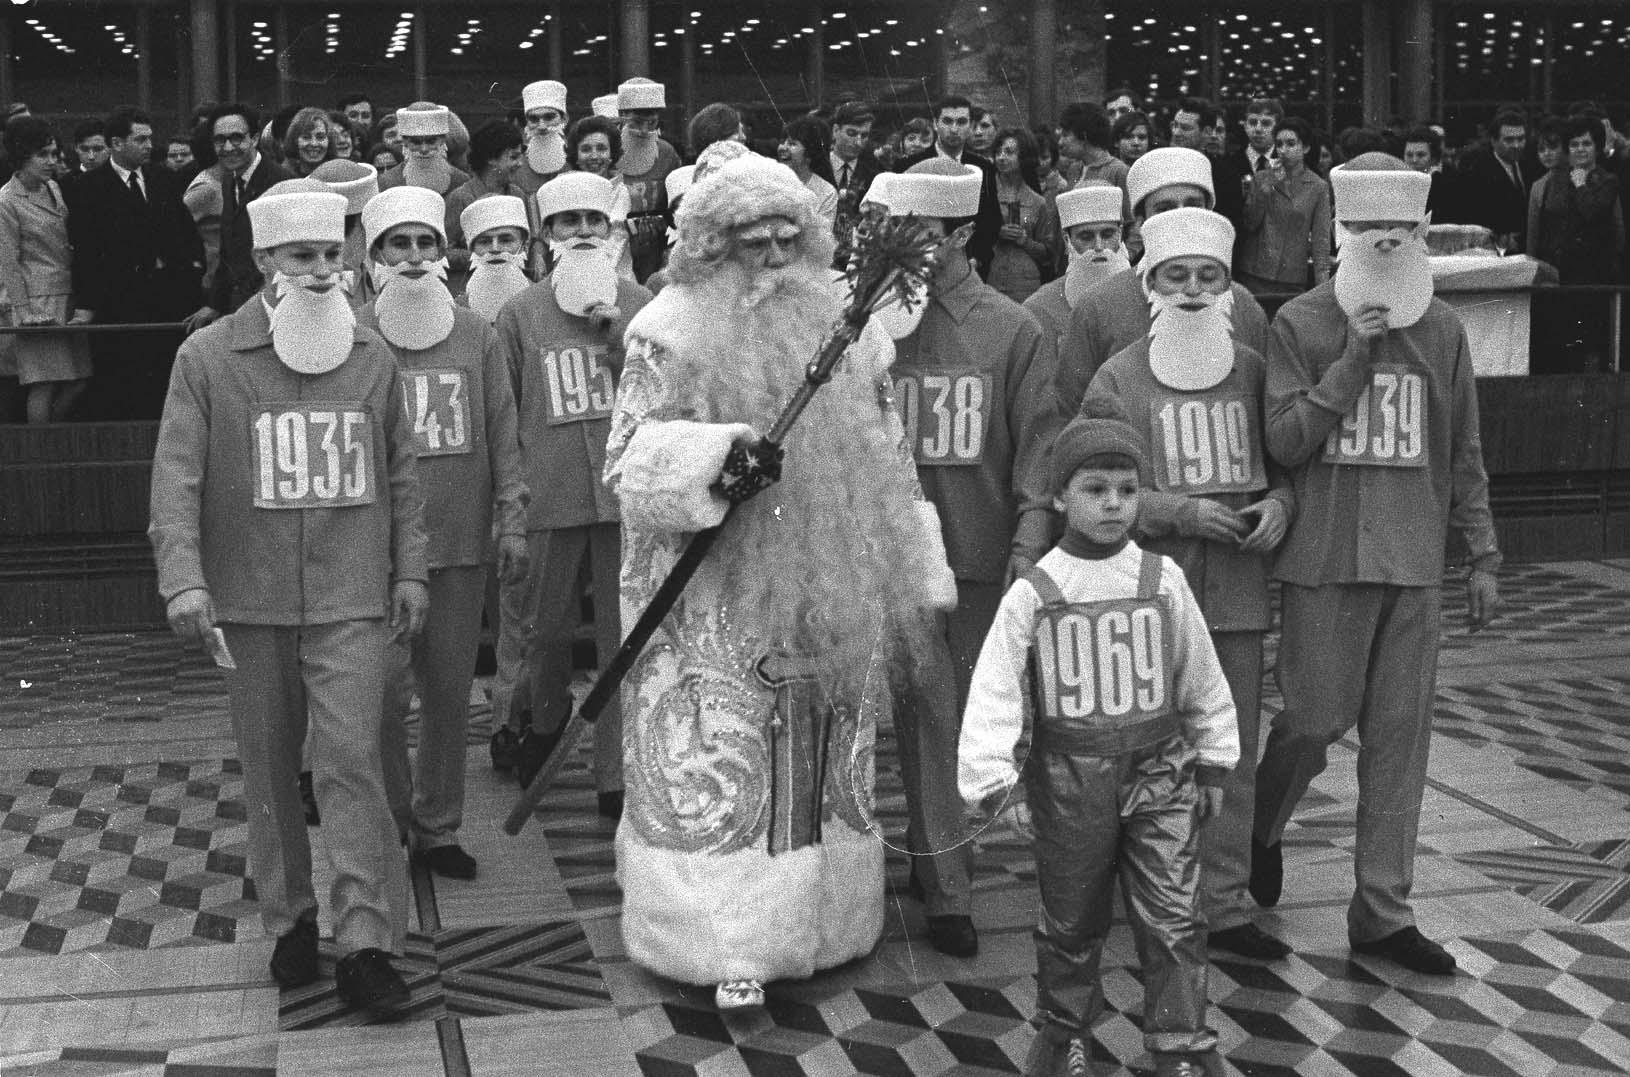 1968. Новогодний молодёжный бал в Кремлёвском дворце съездов. Авторы В. Мусаэльян, В. Соболев. 30 декабря